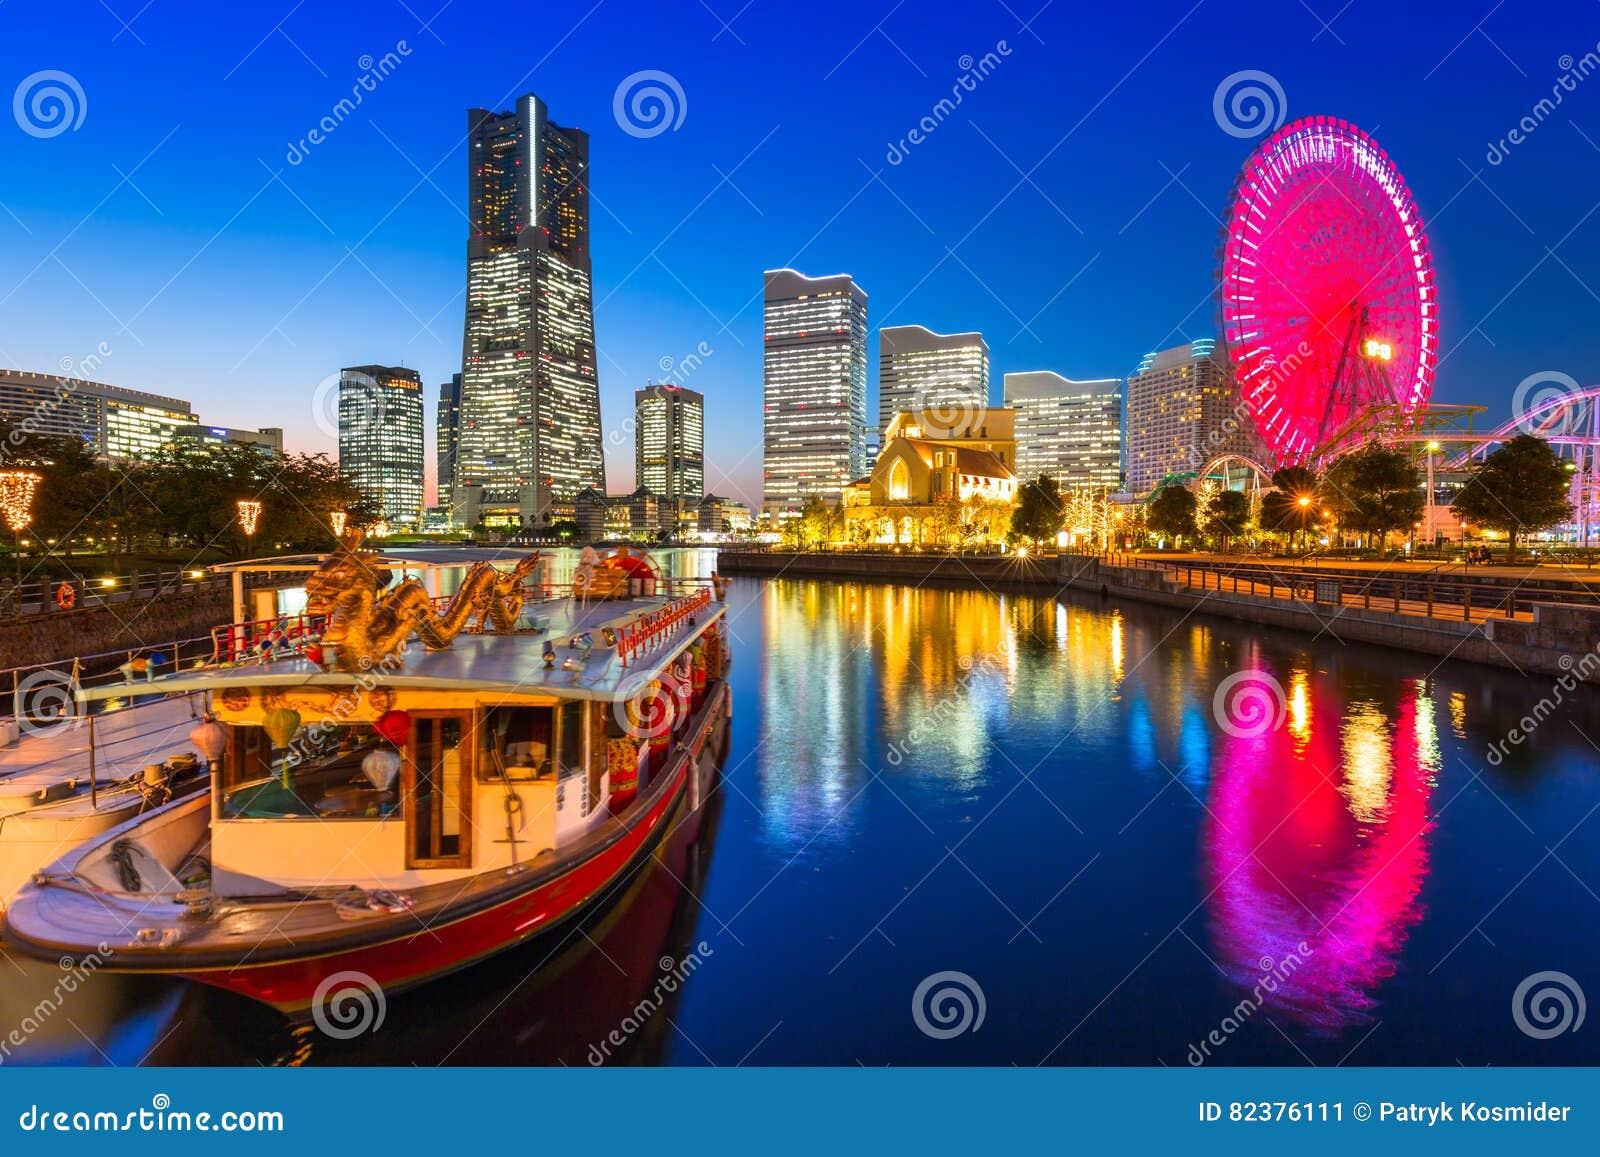 Cityscape of Yokohama city at dusk